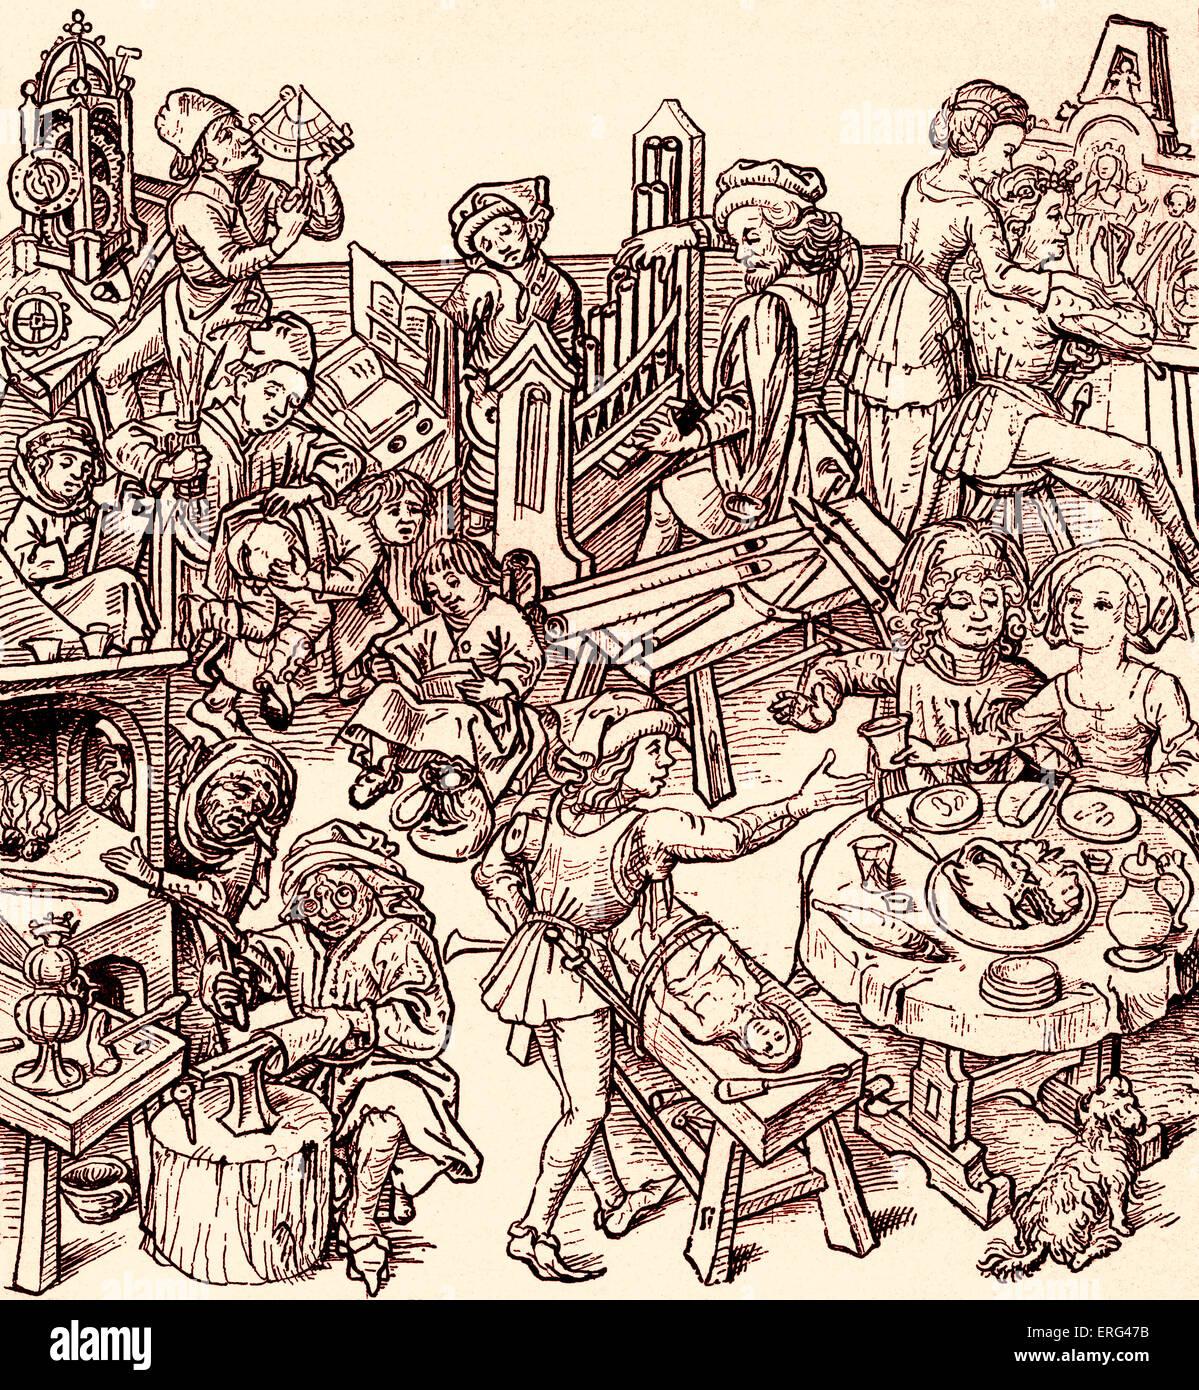 Häusliche Leben des sechzehnten Jahrhunderts, einschließlich Szenen des Speisens, Handwerker, die ihr Stockbild